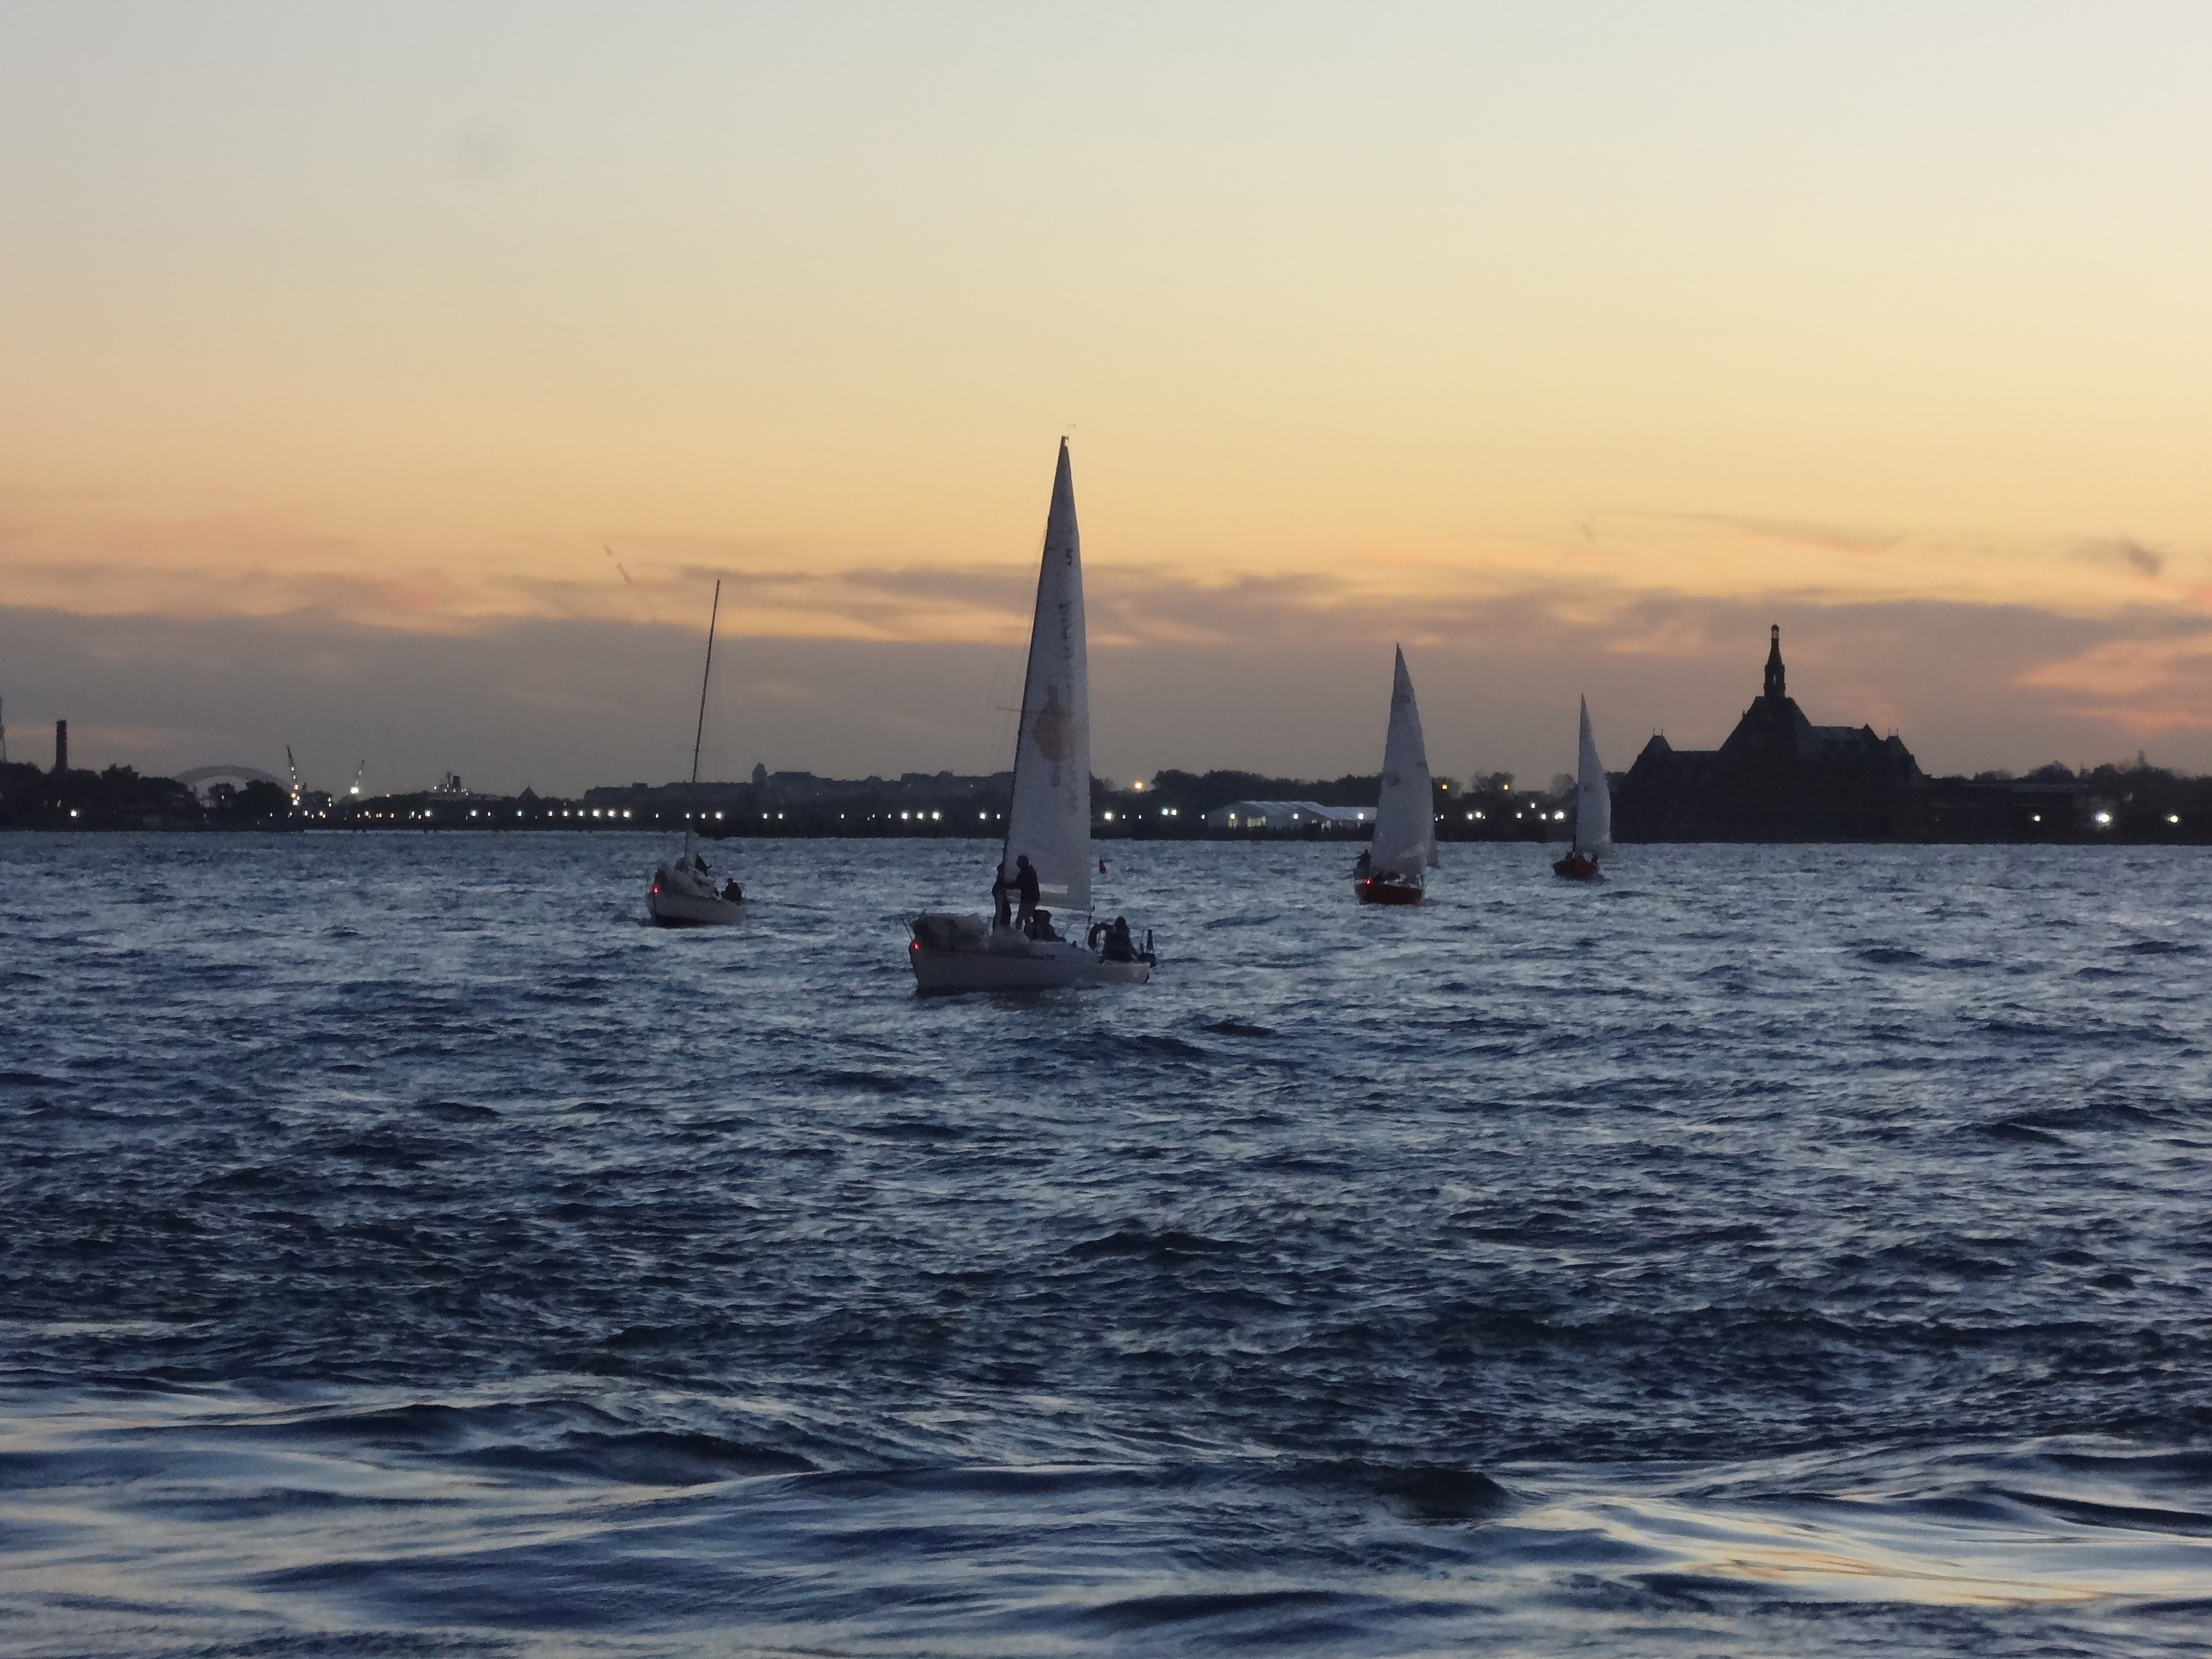 Sailboats-9-18-2013